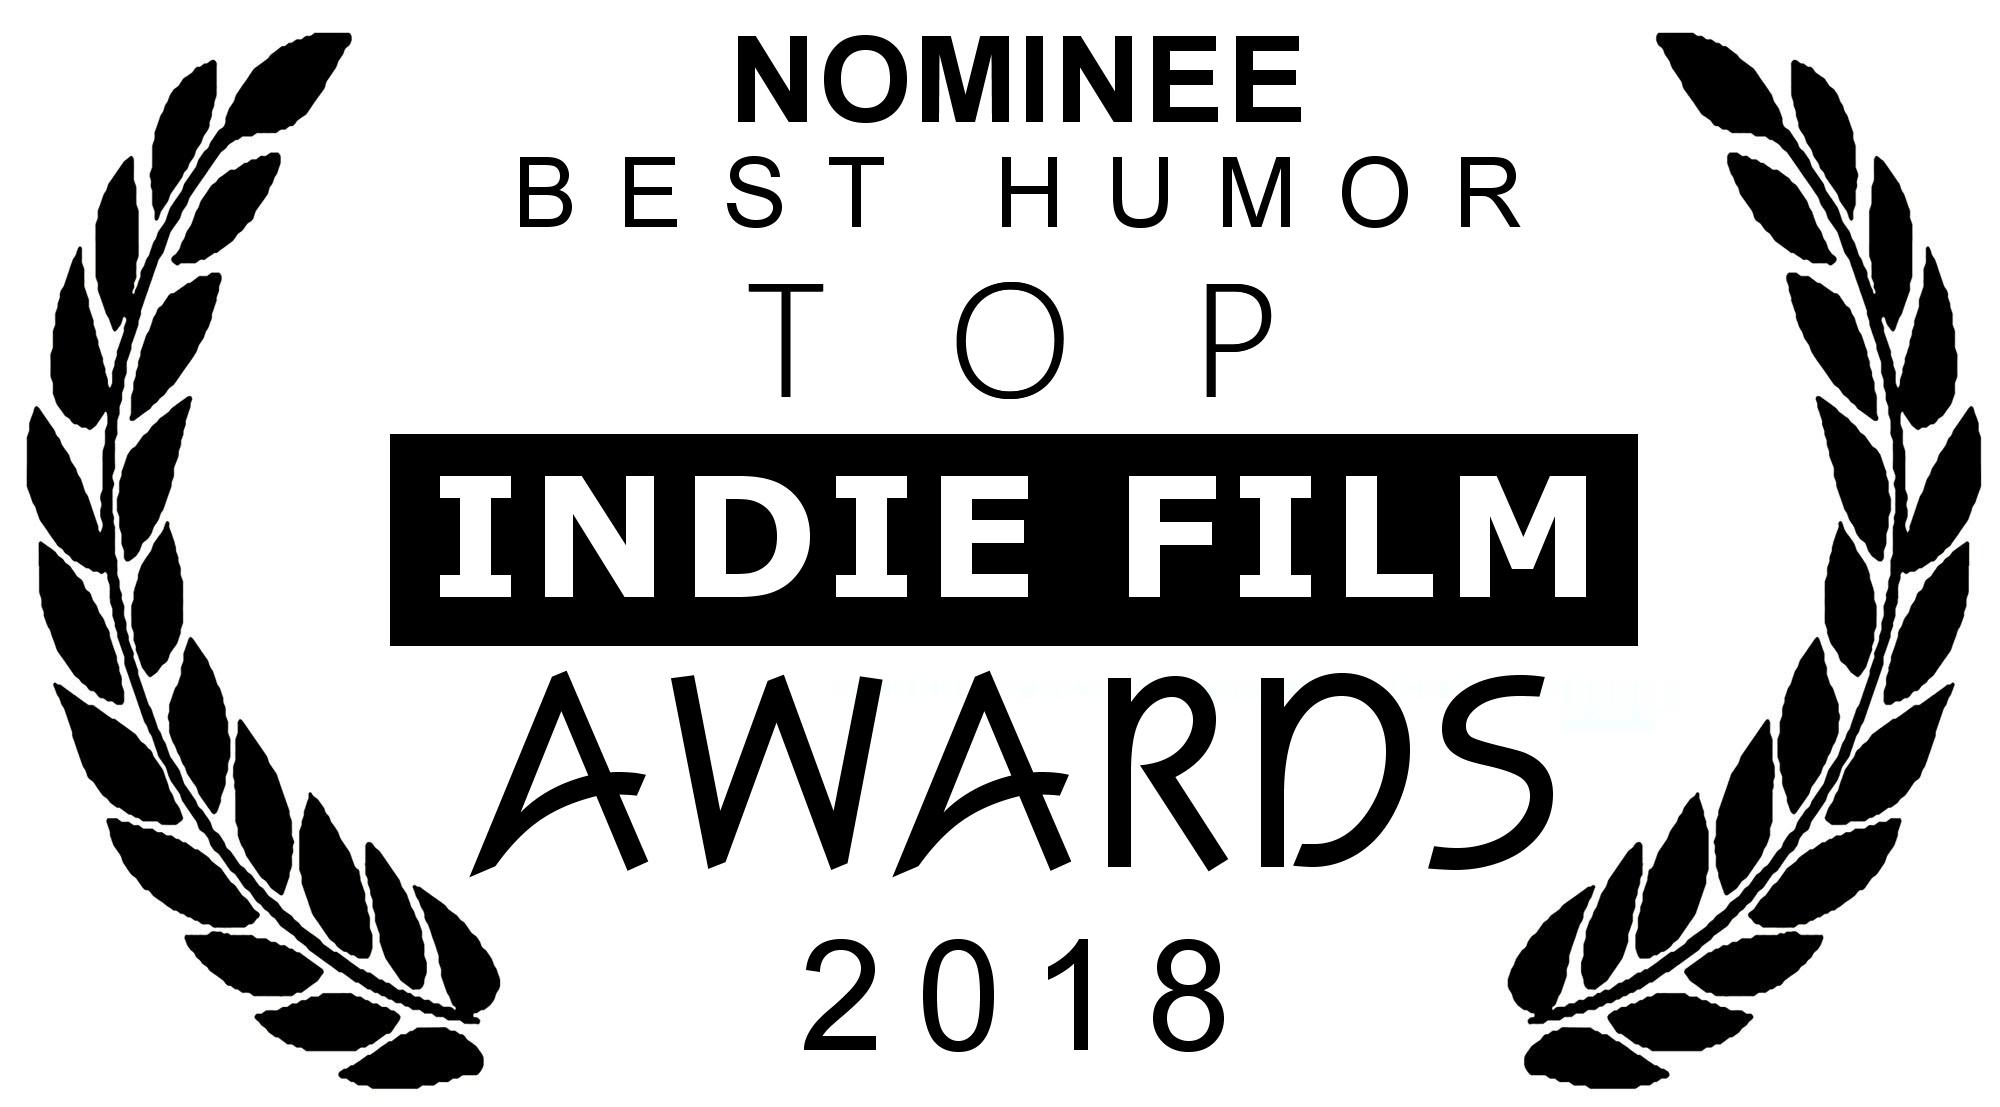 tifa-2018-nominee-best-humor.jpg